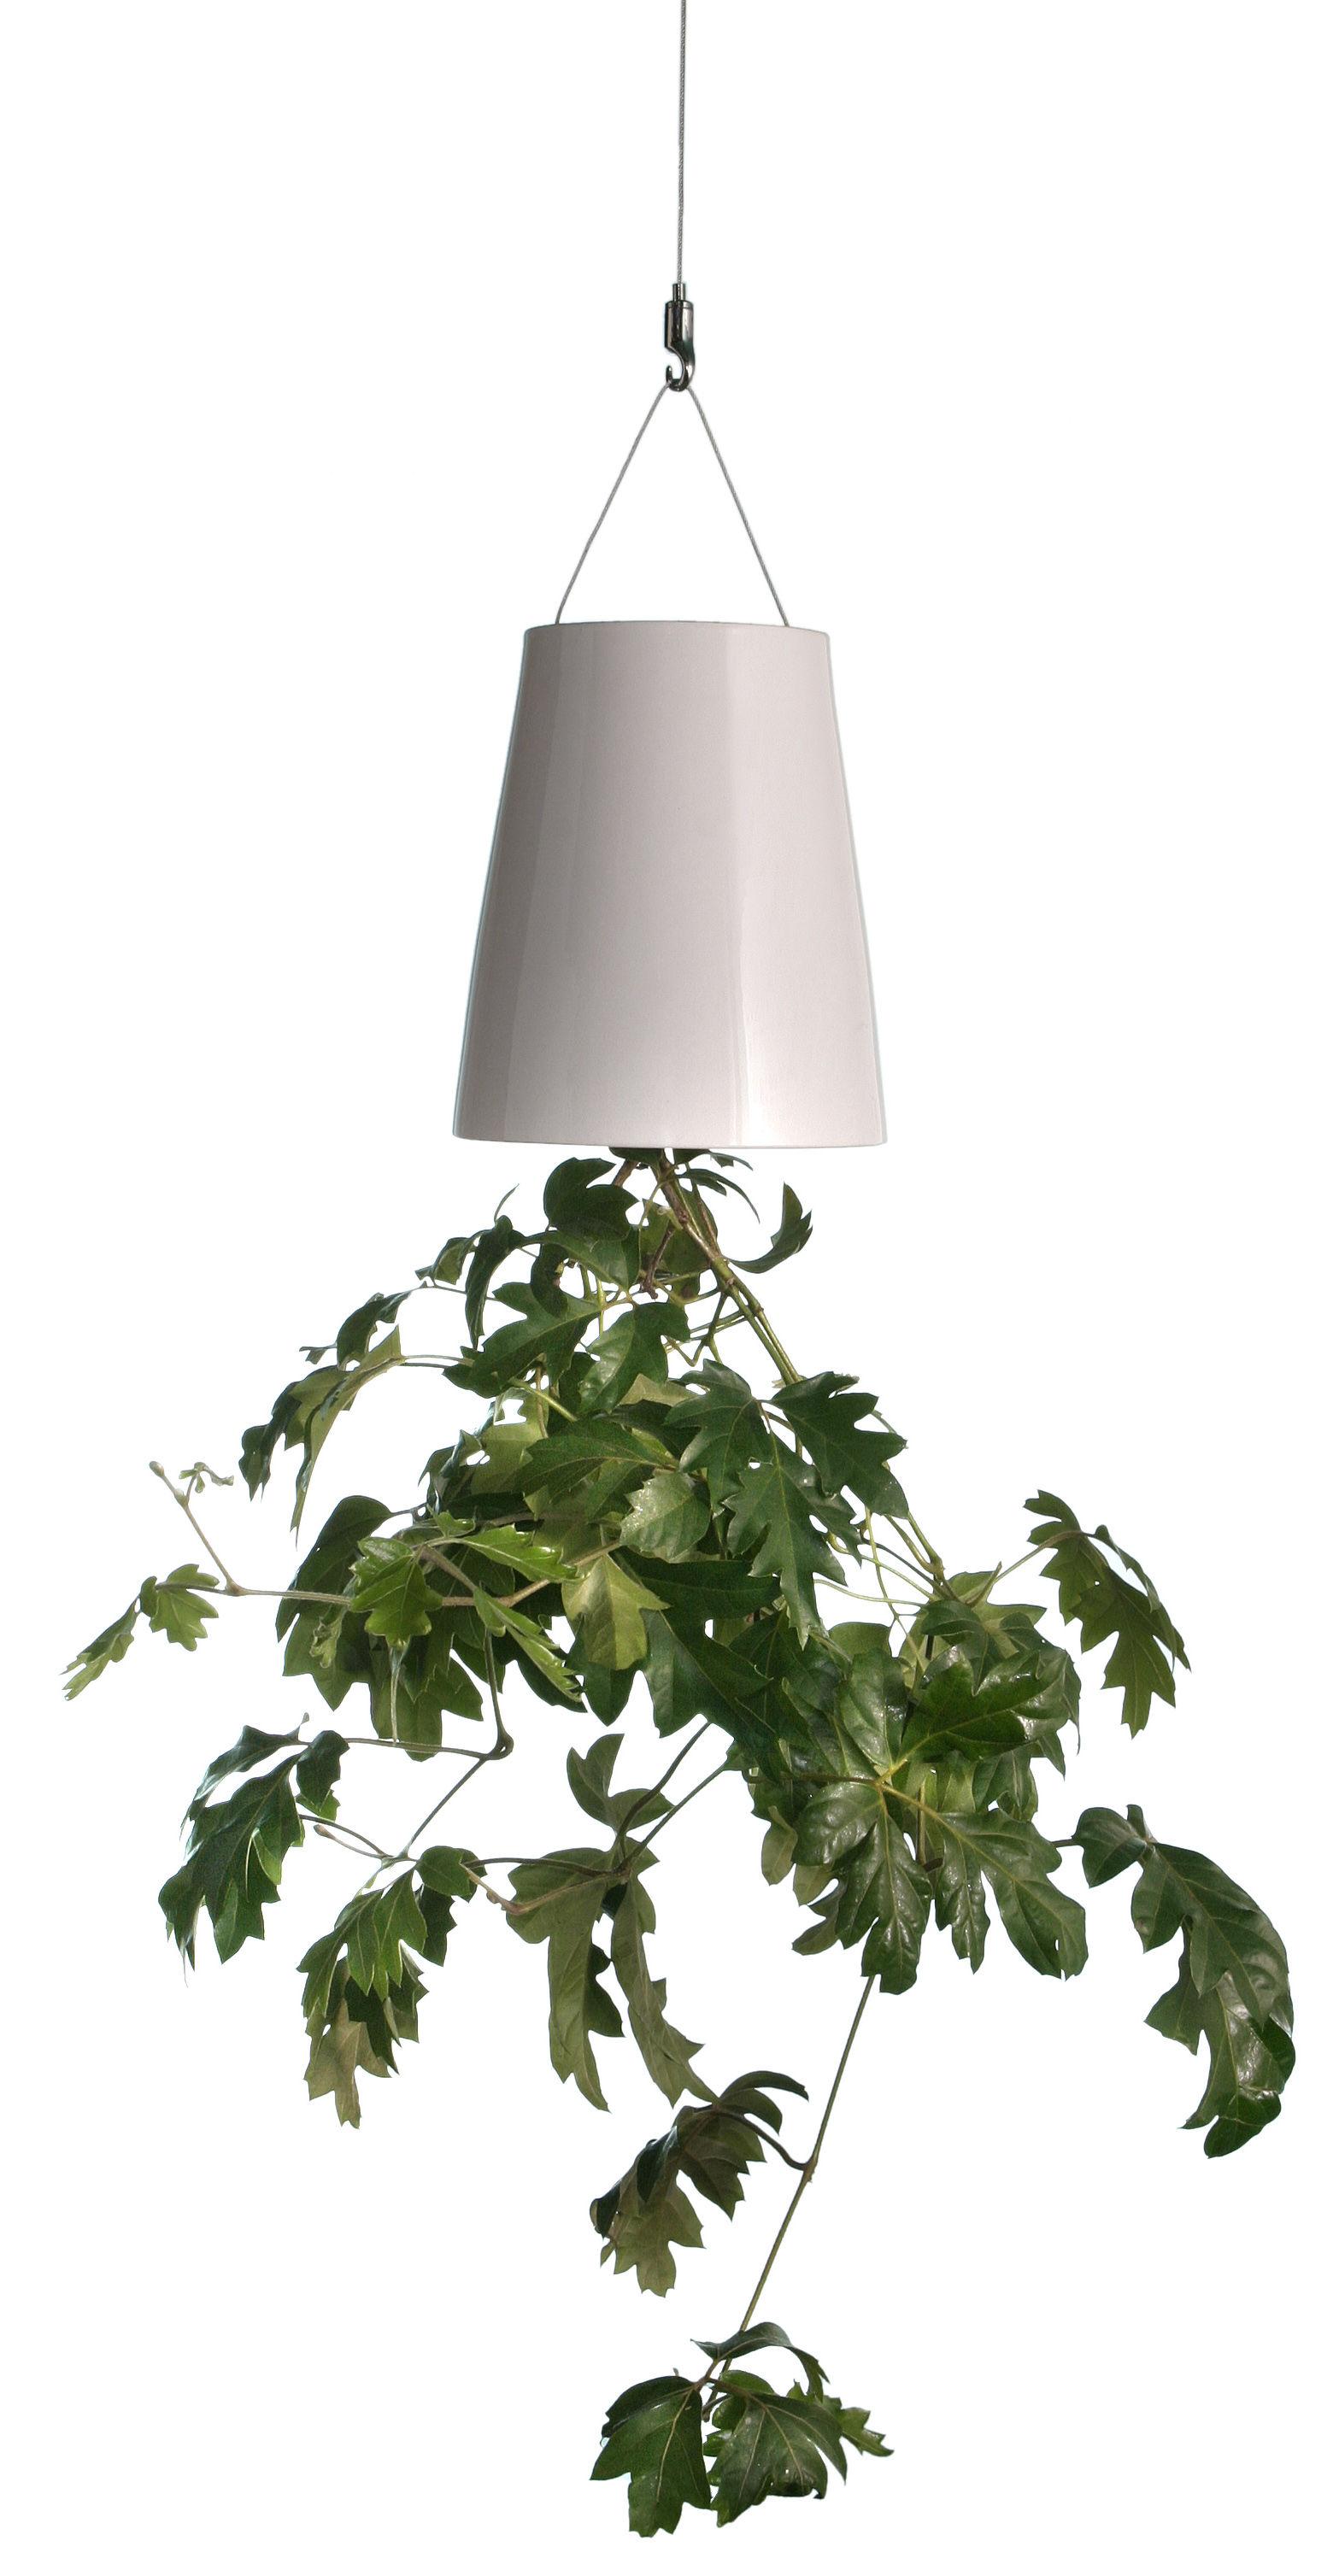 Déco - Tendance humour & décalage - Câble de suspension pour toutes les jardinières Boskke Sky - Boskke - Câble extension plafond - Acier